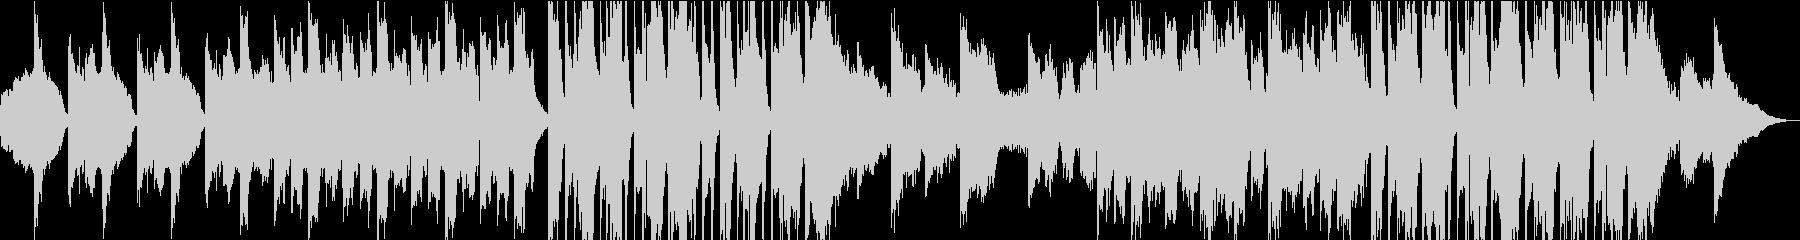 ダークでホラーな曲の未再生の波形